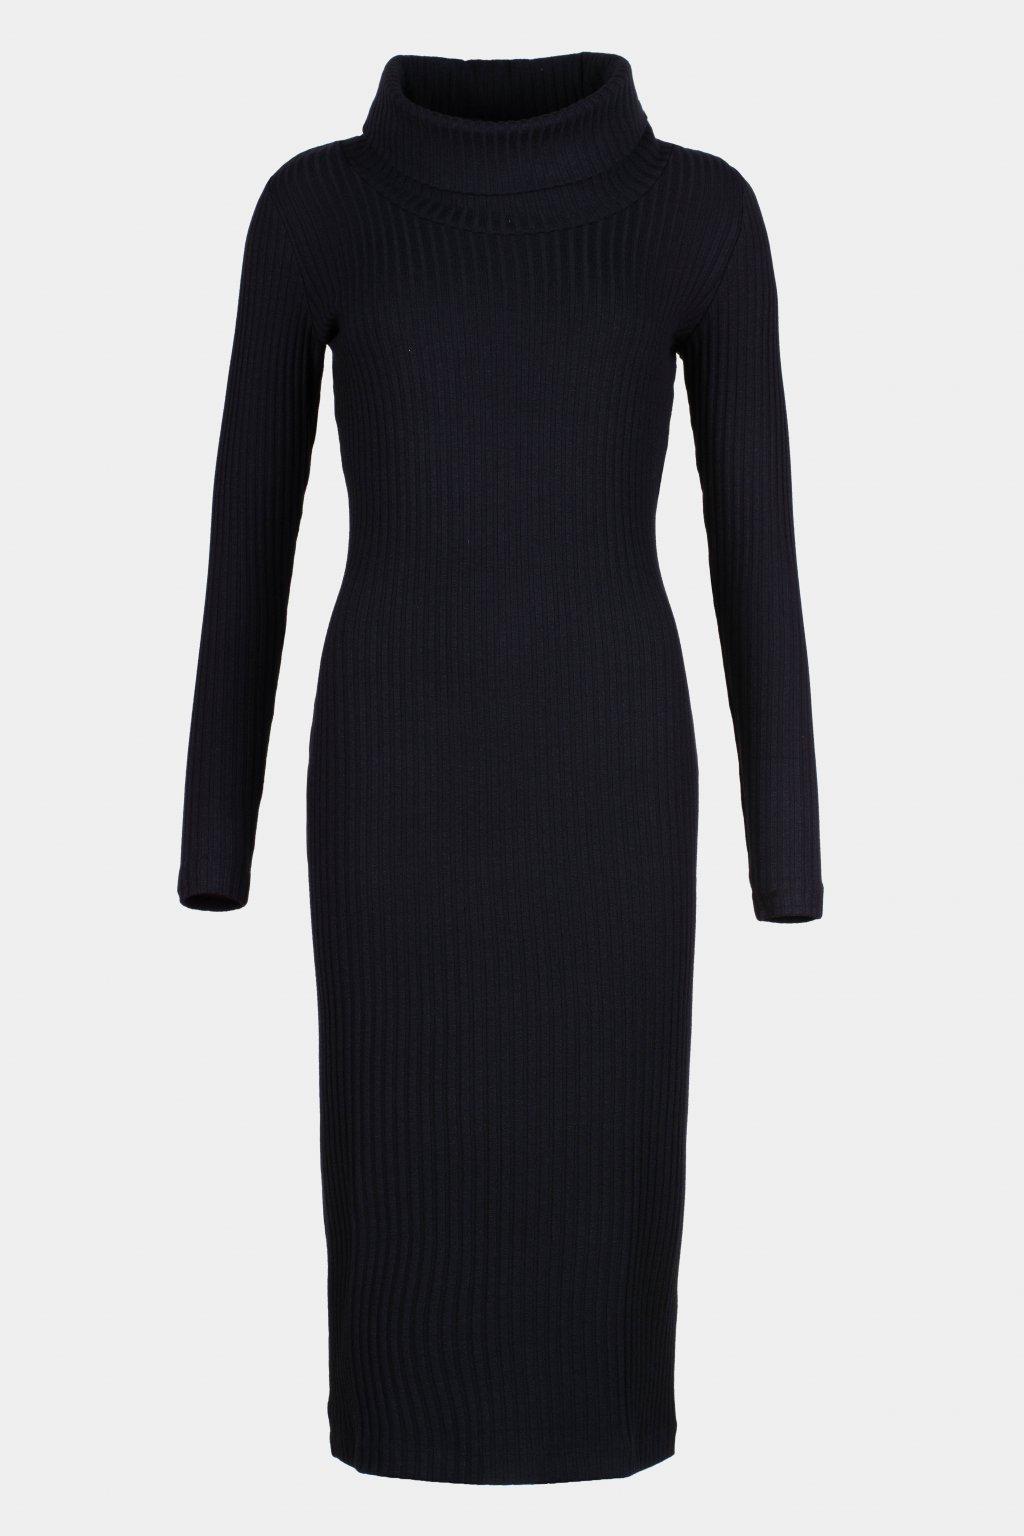 Šaty černé 23126